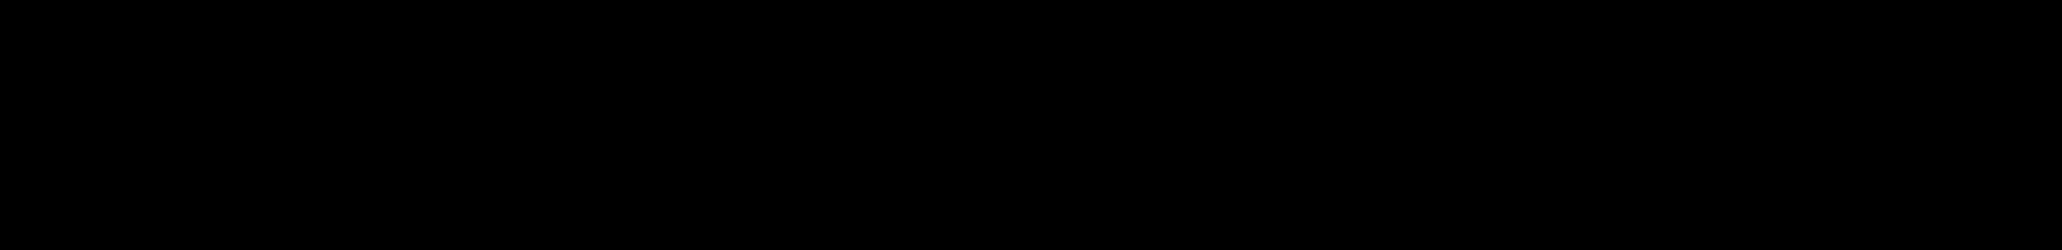 浜建工業株式会社